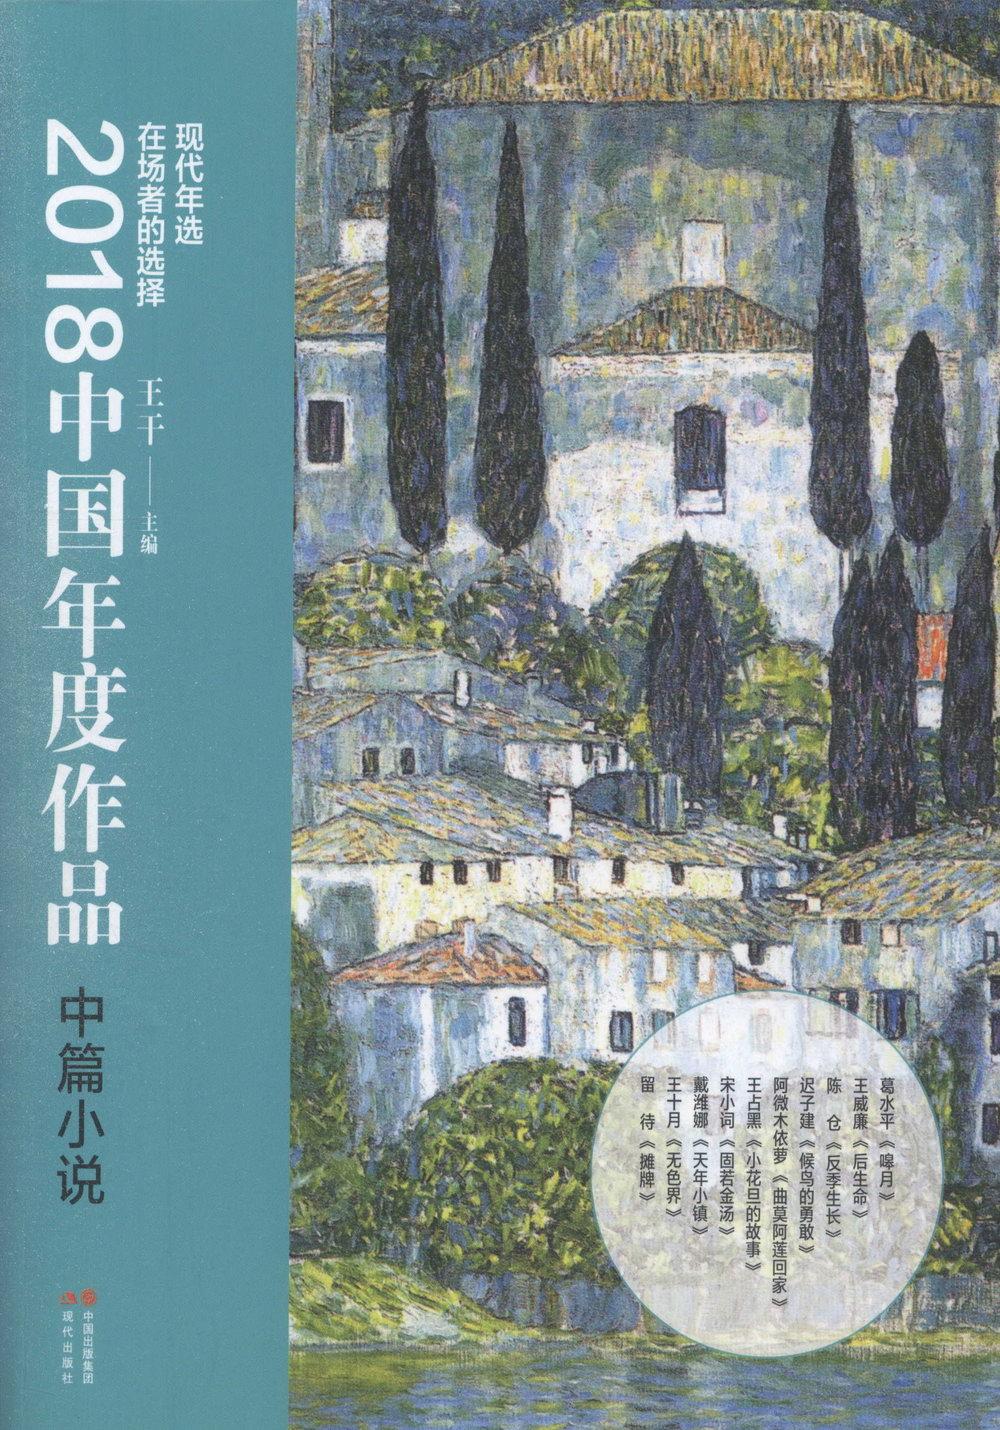 2018中國年度作品:中篇小說